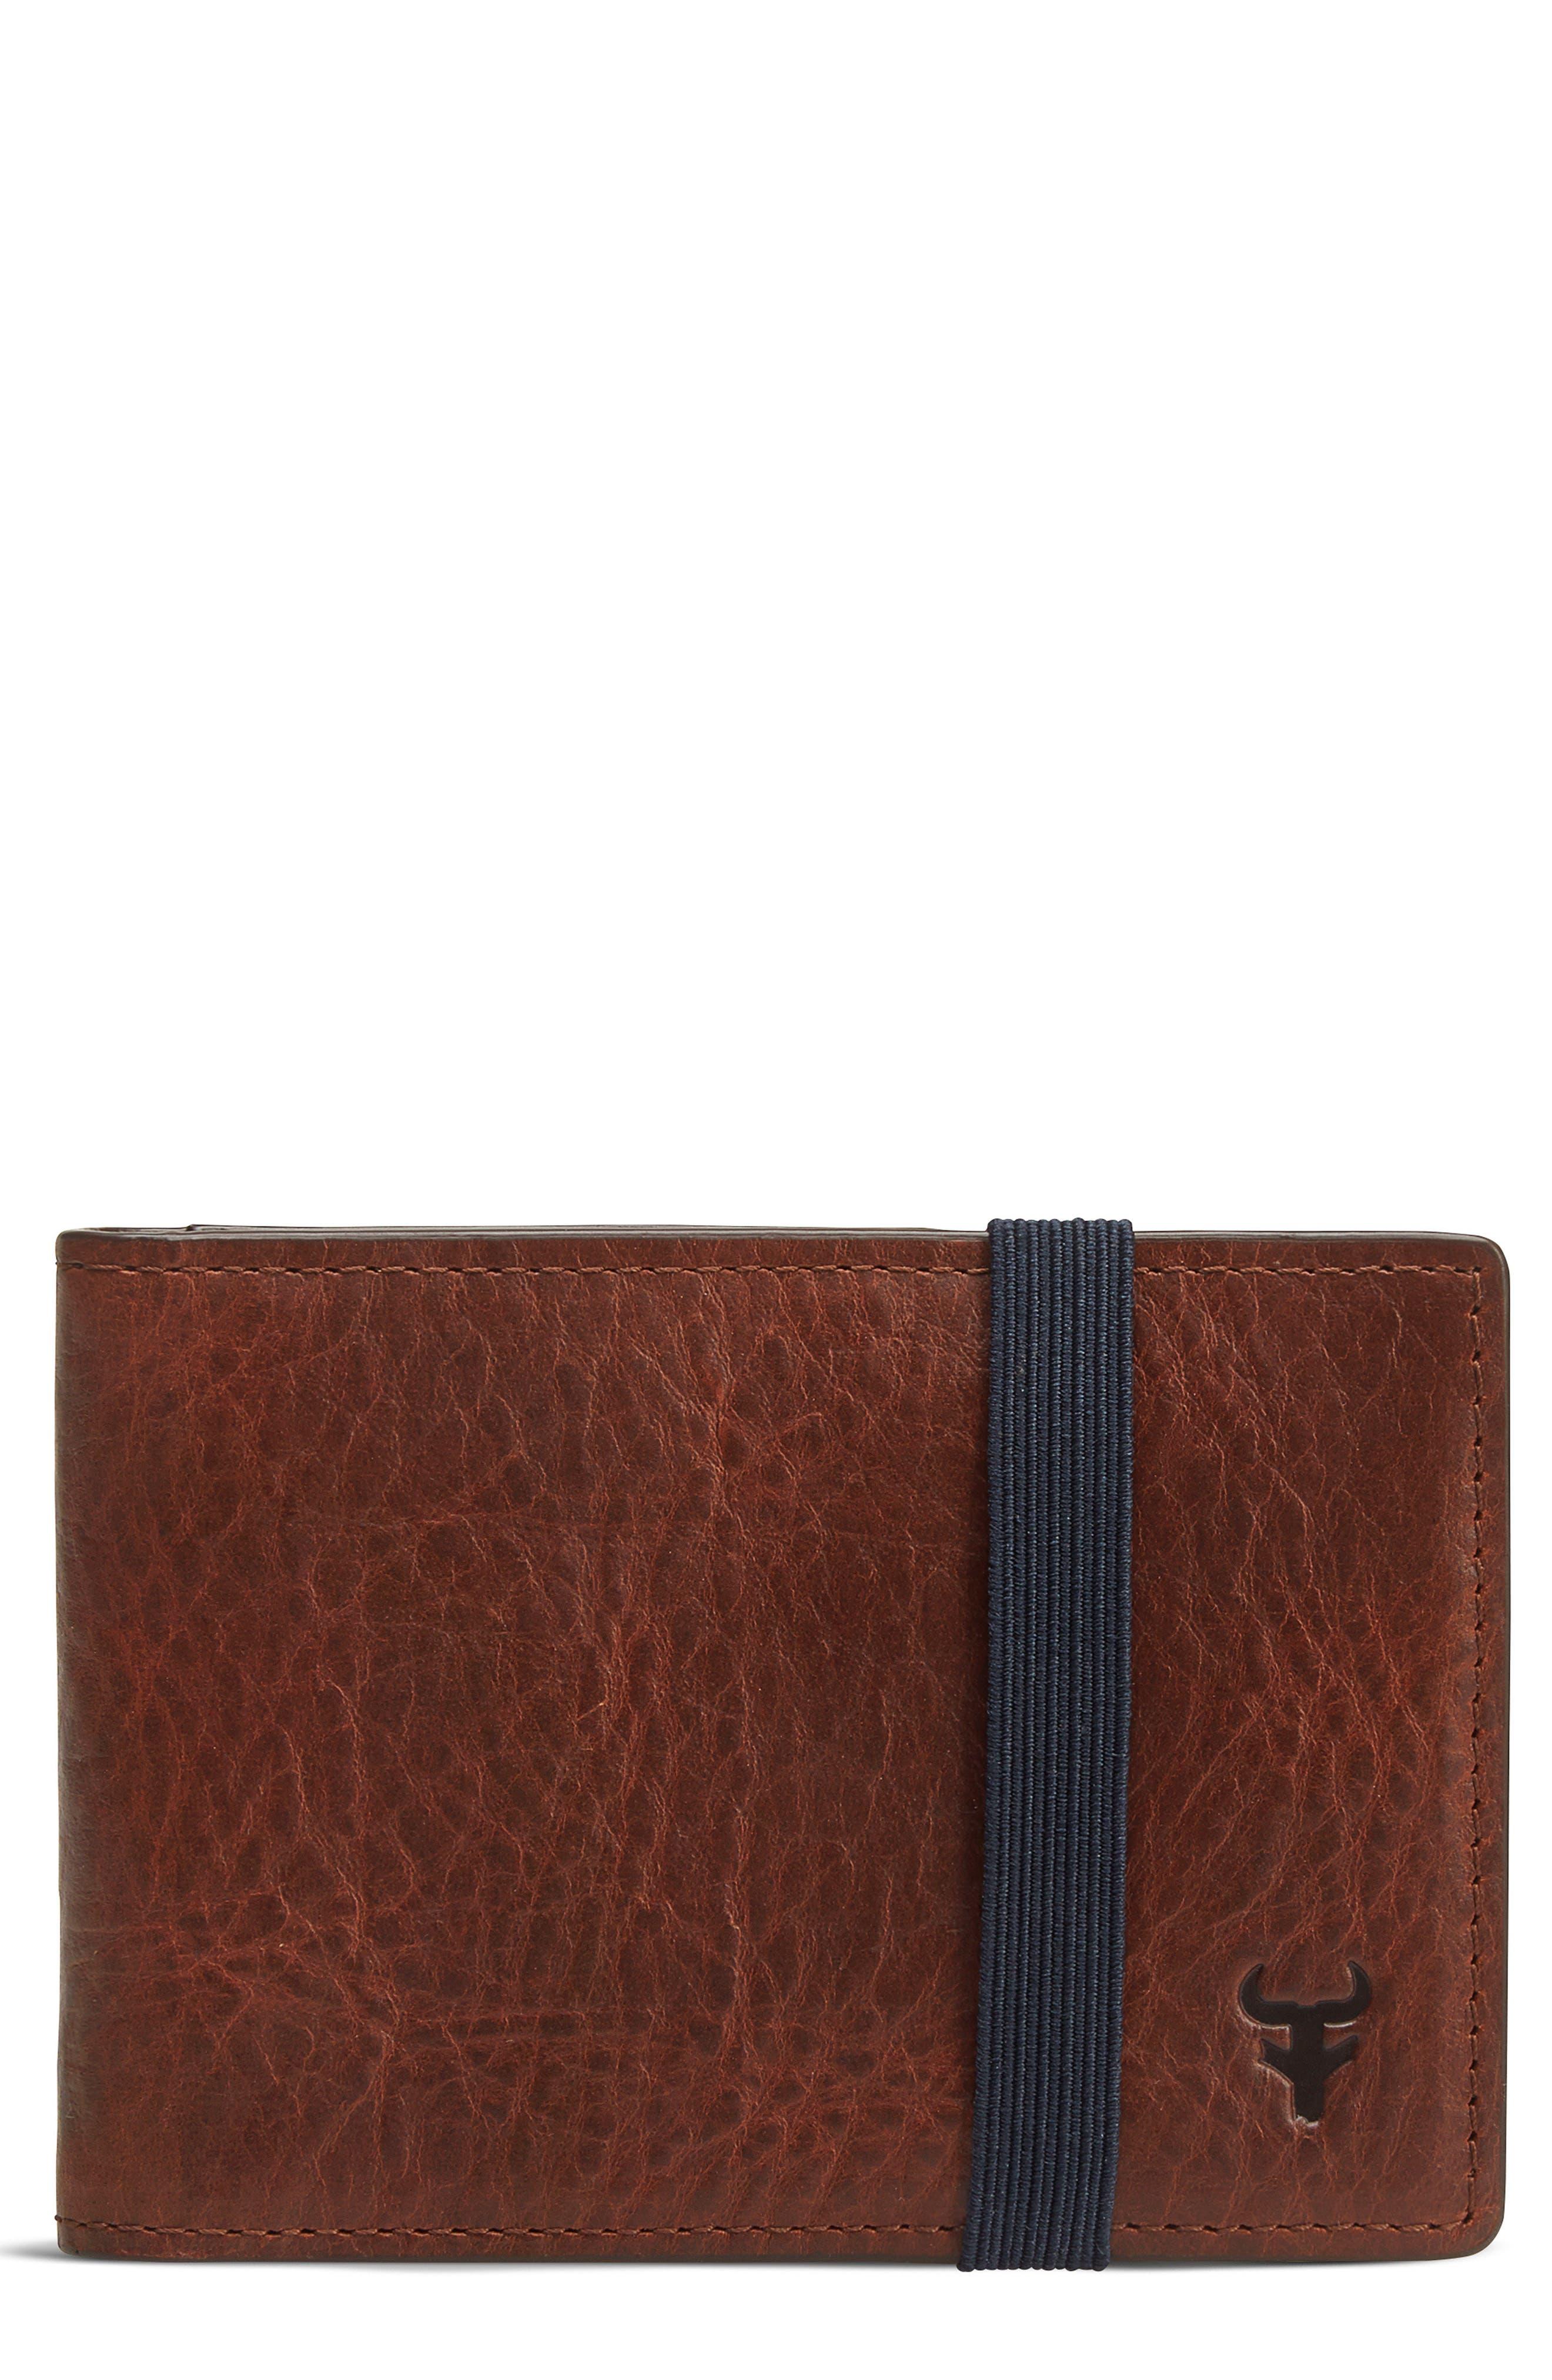 Leather Money Clip Wallet,                             Main thumbnail 1, color,                             211